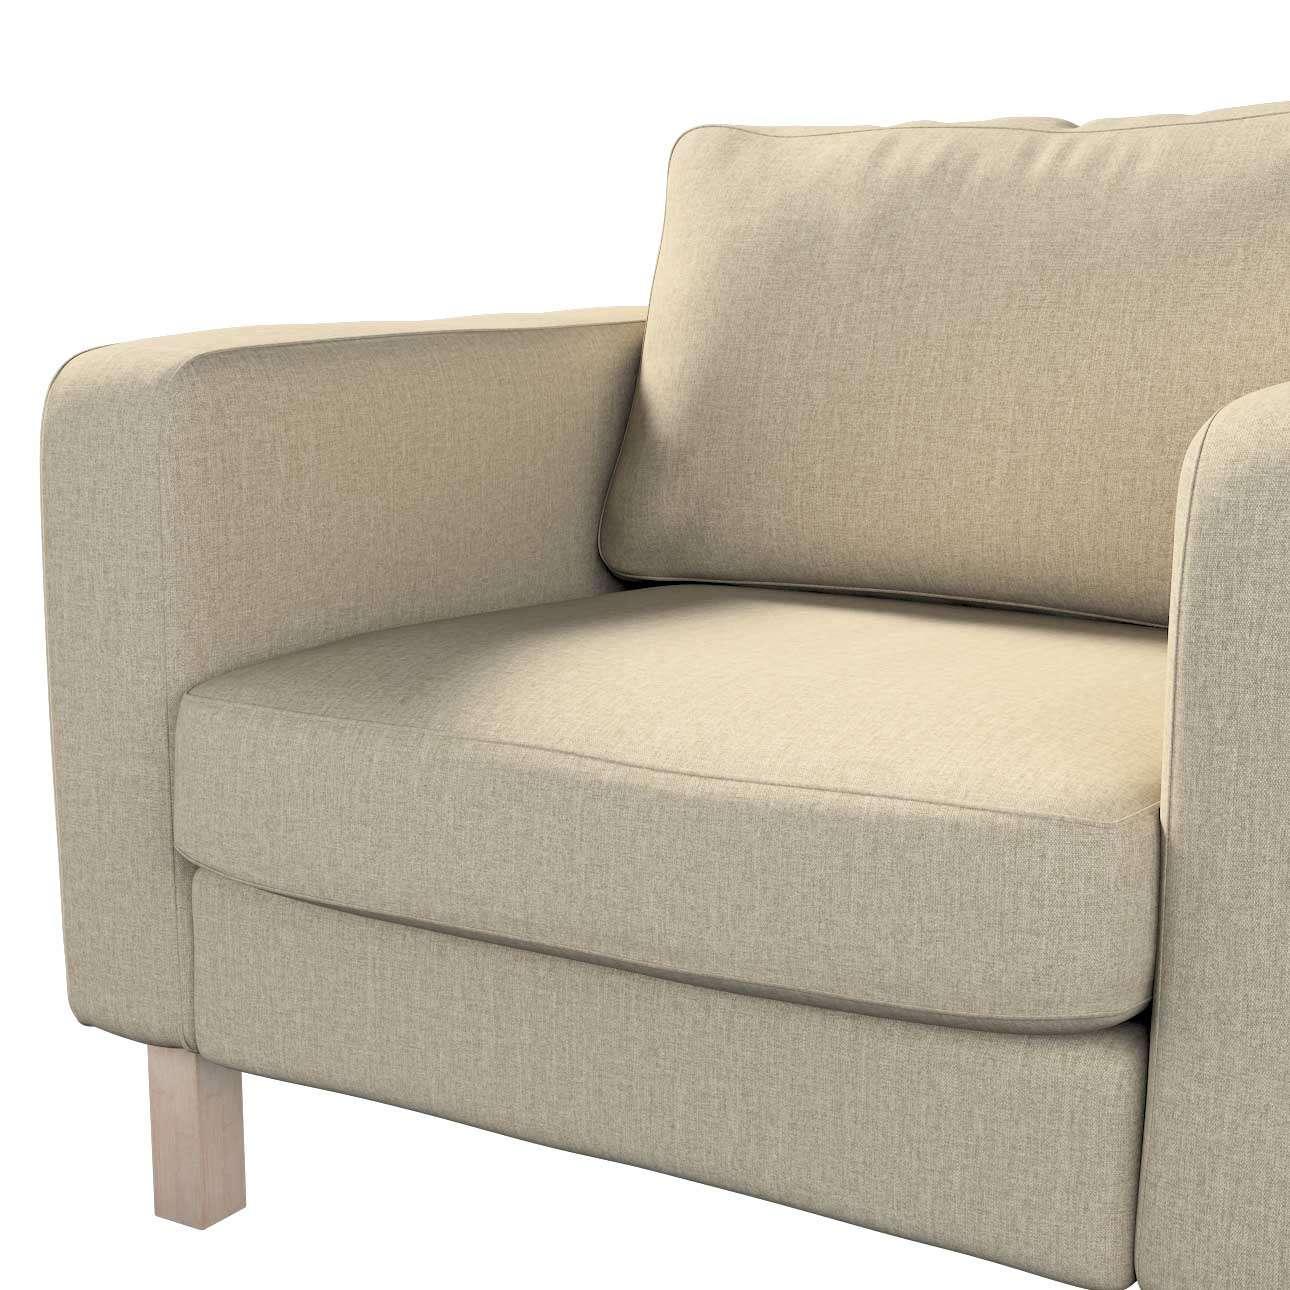 Pokrowiec na fotel Karlstad, krótki w kolekcji City, tkanina: 704-80